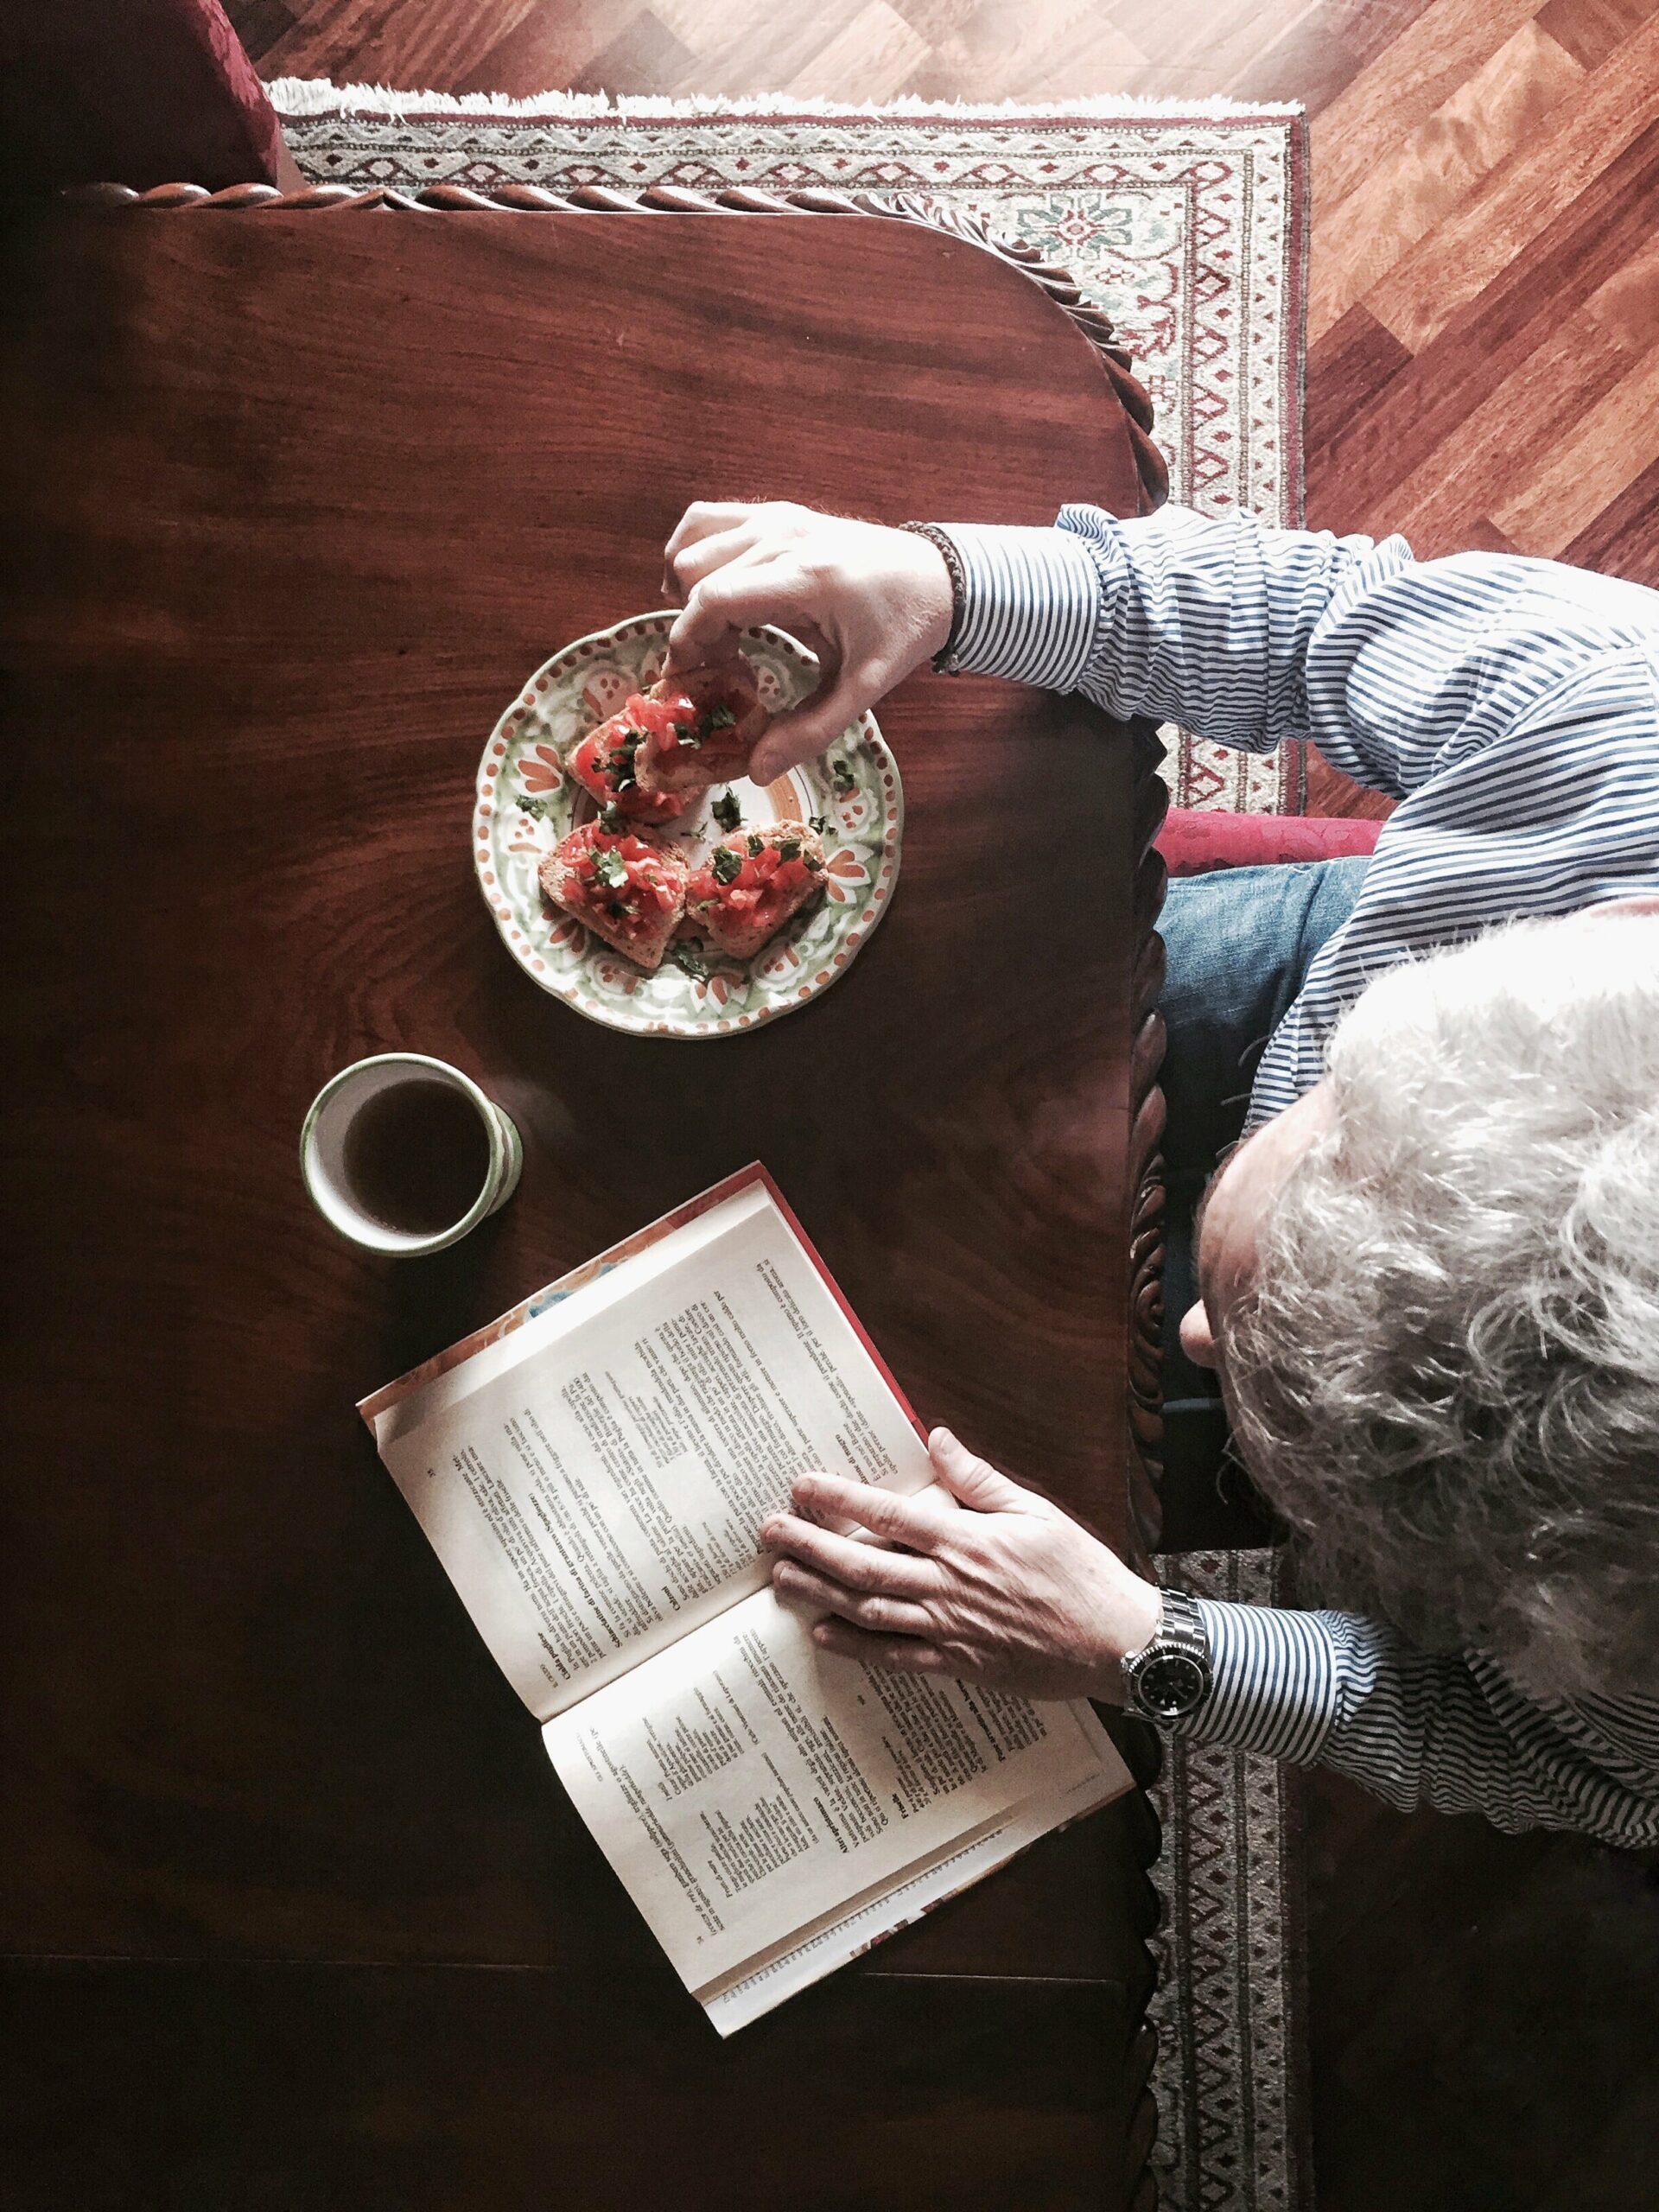 adulte lisant un livre de français à table